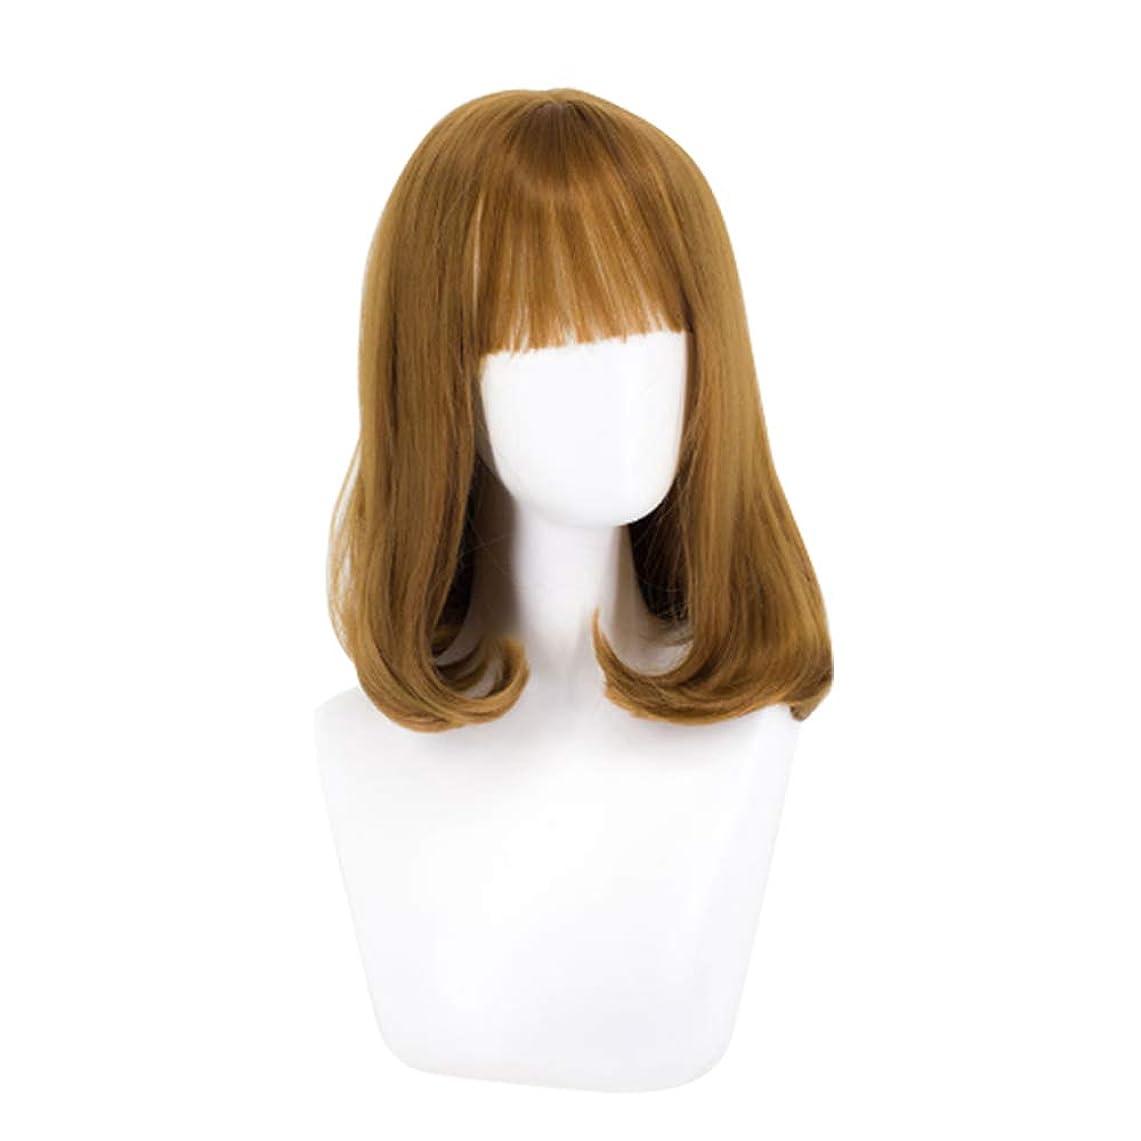 論理申し立てる傾向ウィッグミディアムロングヘアー女性のためのふわふわウェーブのかかった髪かつら自然に見える耐熱性のある合成ファッションウィッグミディアムロングヘアーカーリーかつら,Yellow